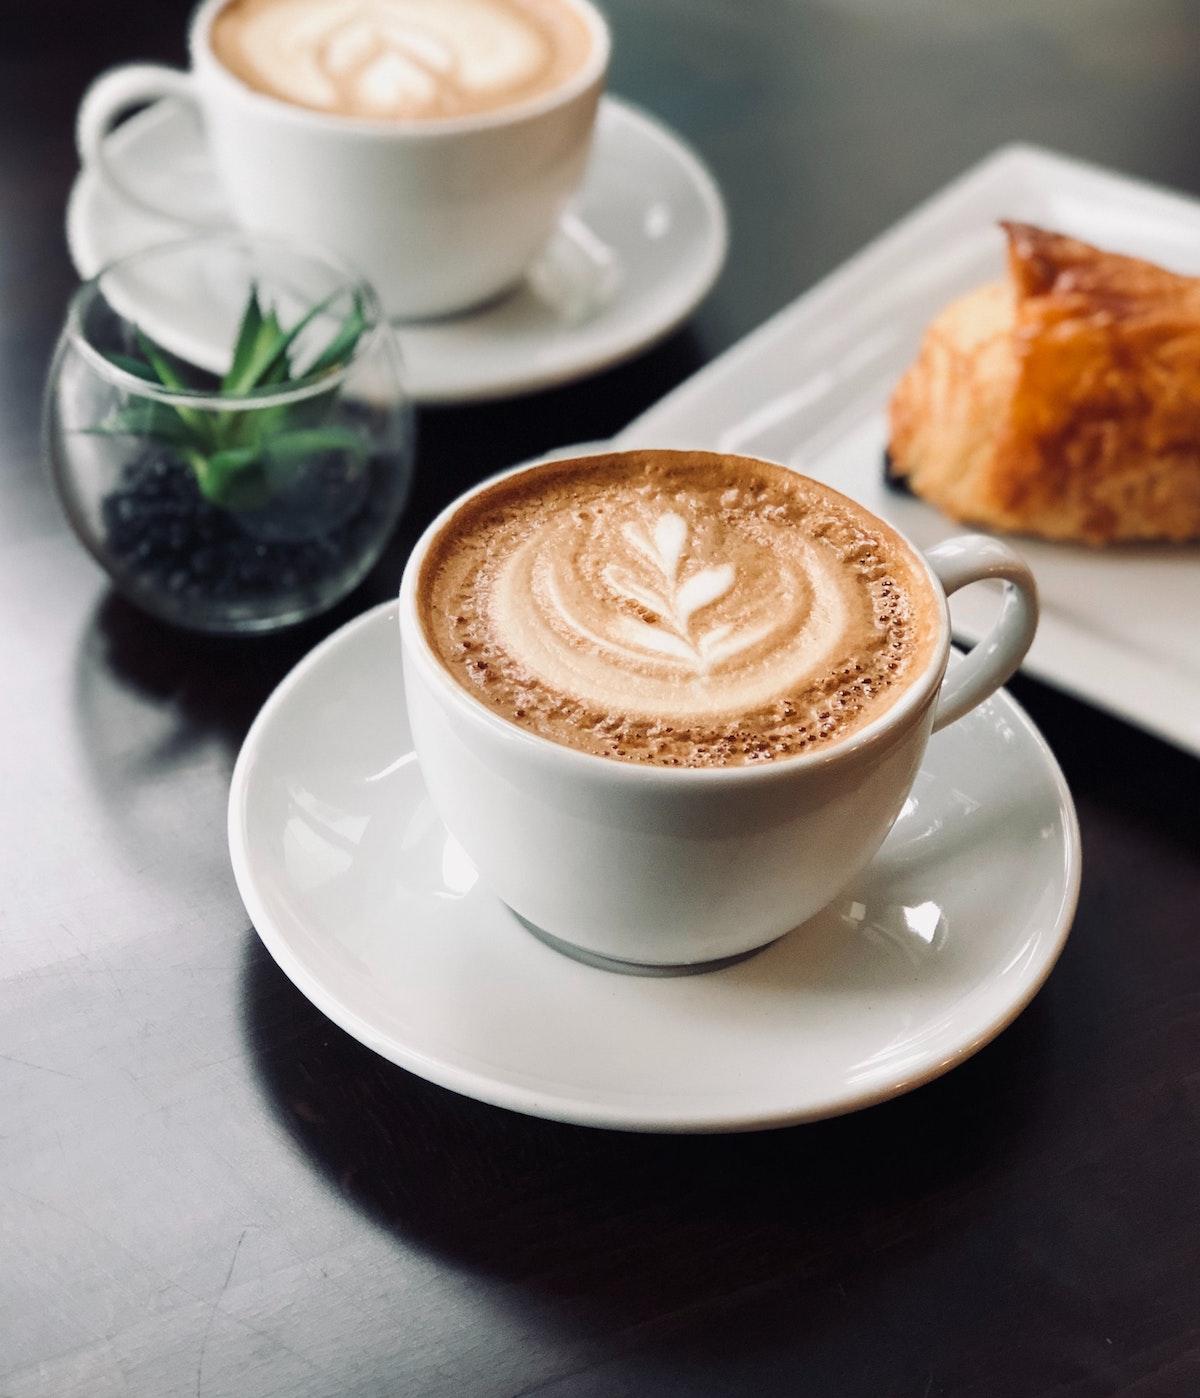 Dos cafés con leche en tazas blancas sobre una mesa junto a una pequeña planta en maceta y un pastel en un plato blanco.